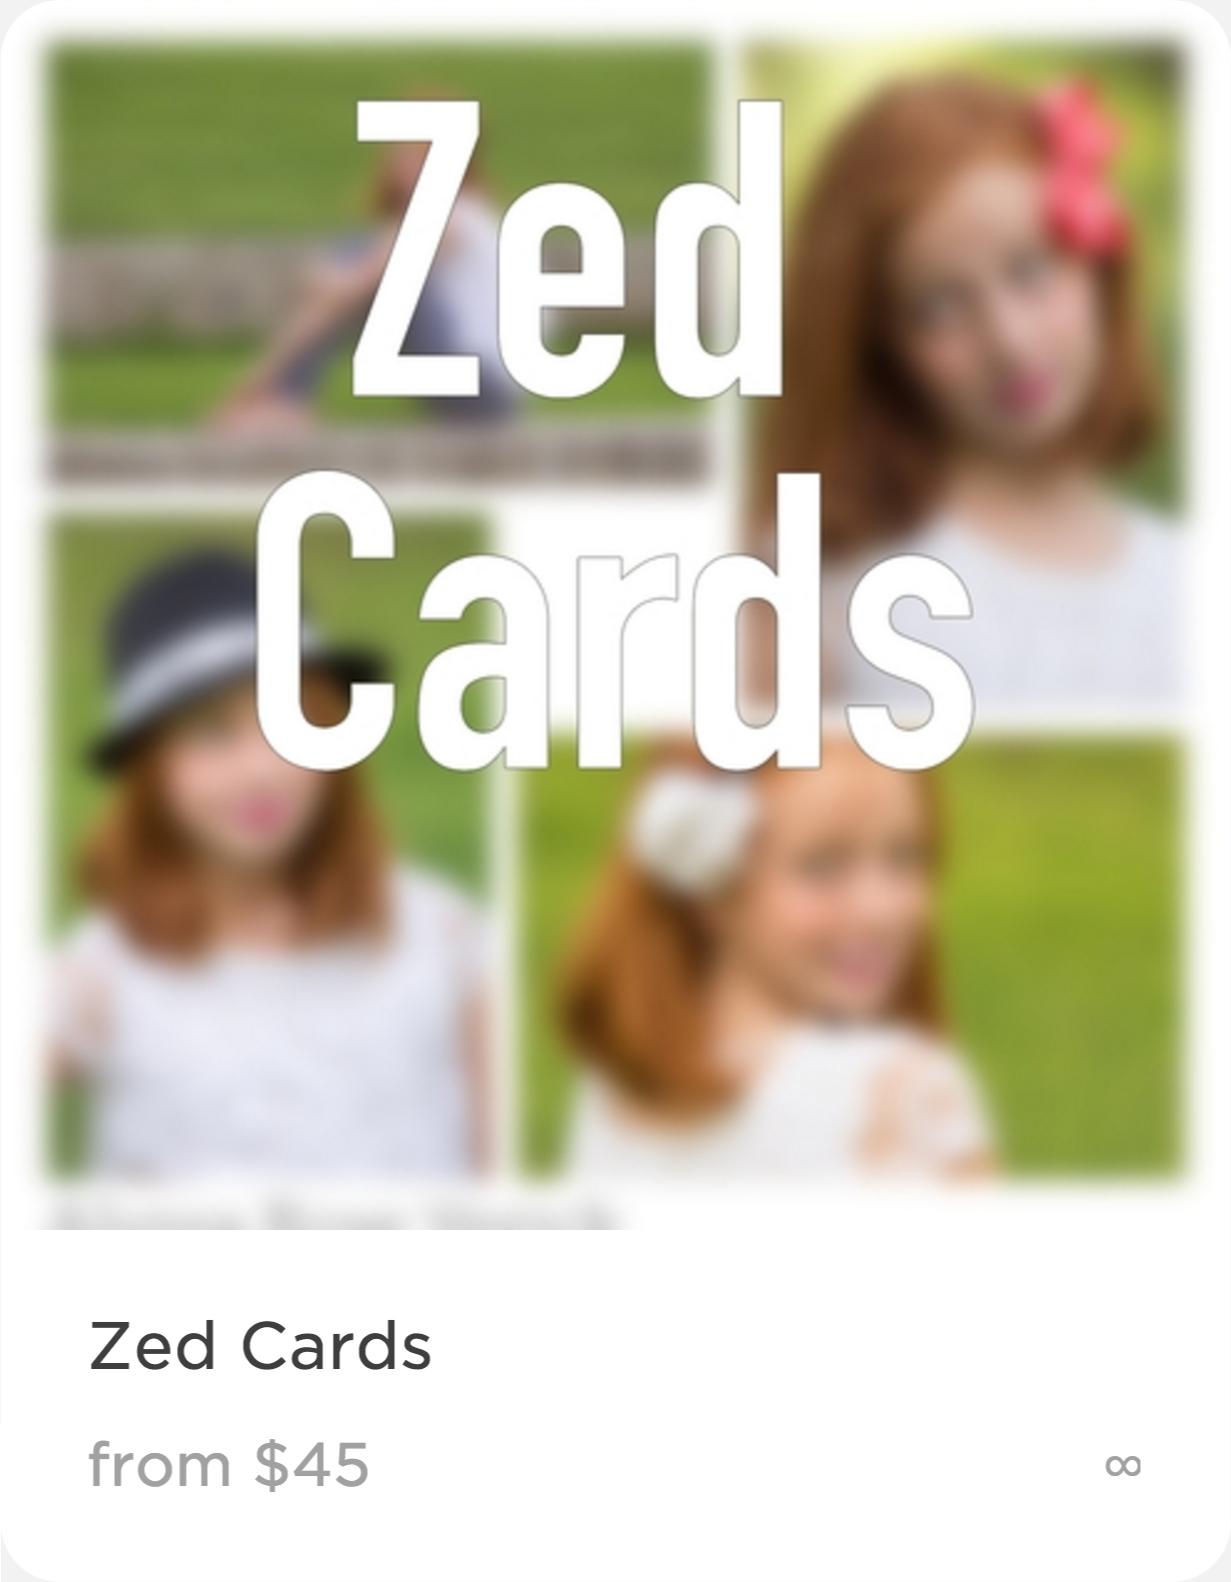 zedcards.png